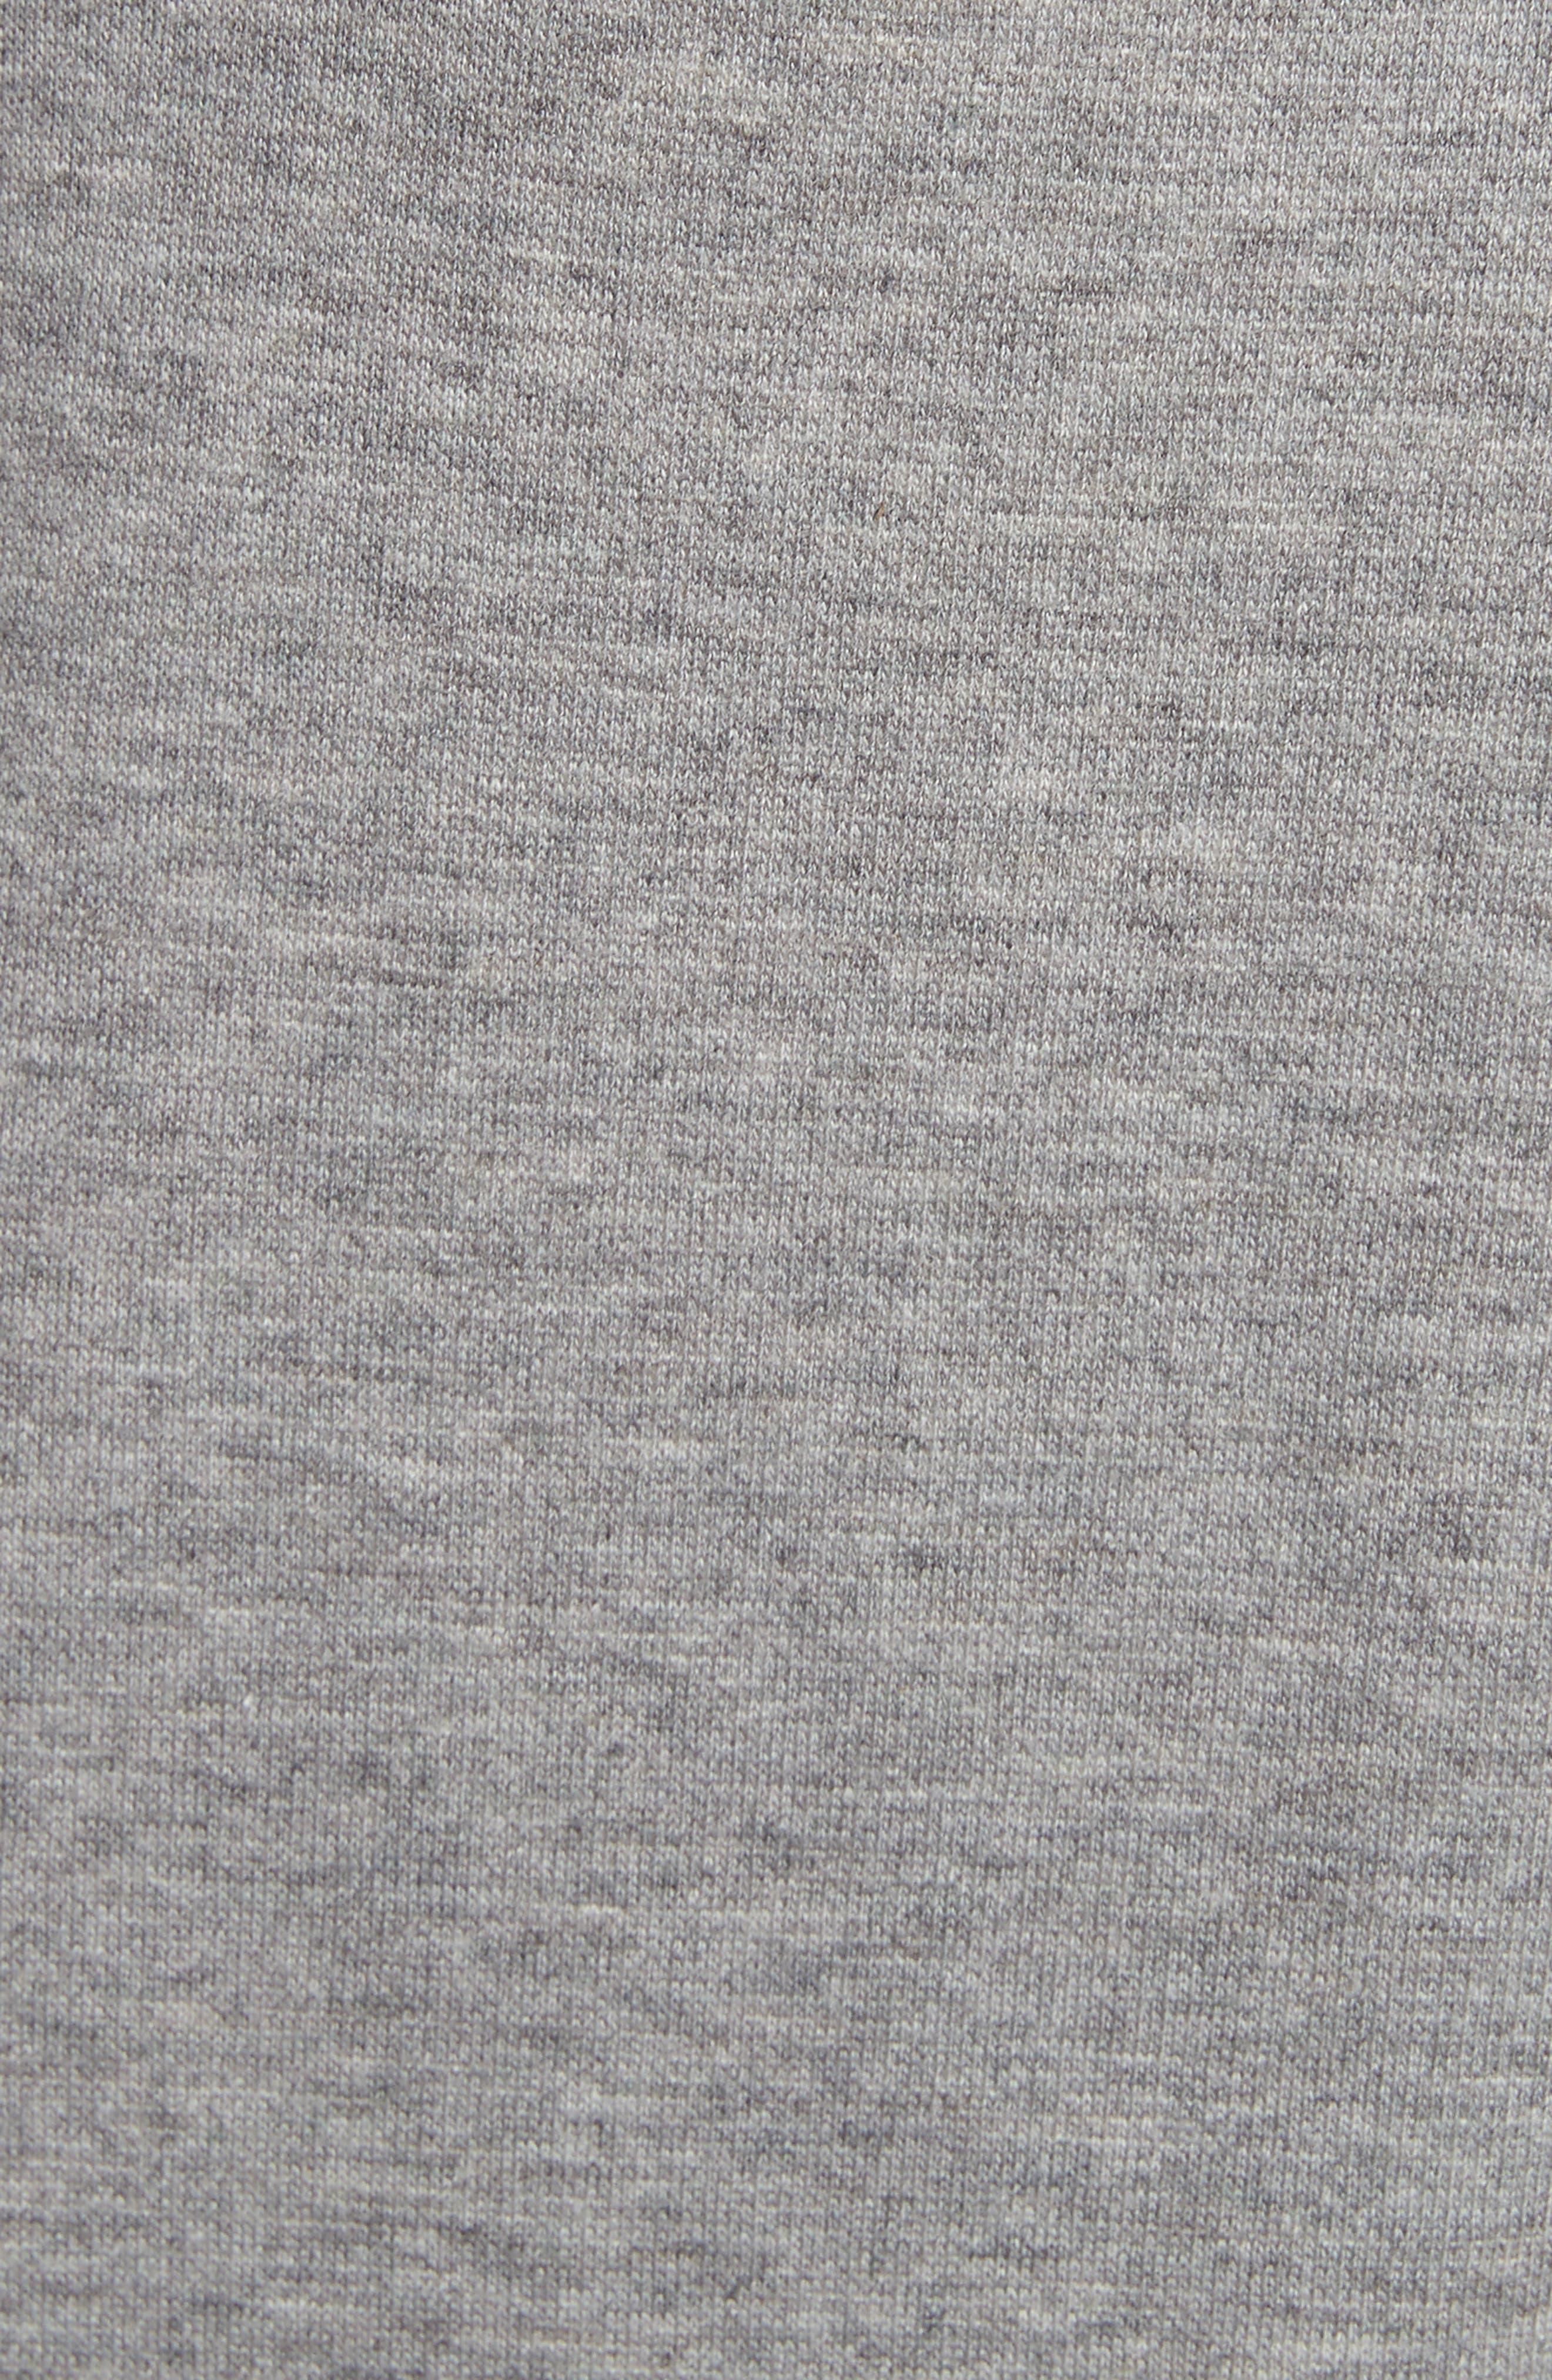 Point D'esprit Sweatshirt,                             Alternate thumbnail 5, color,                             Grey